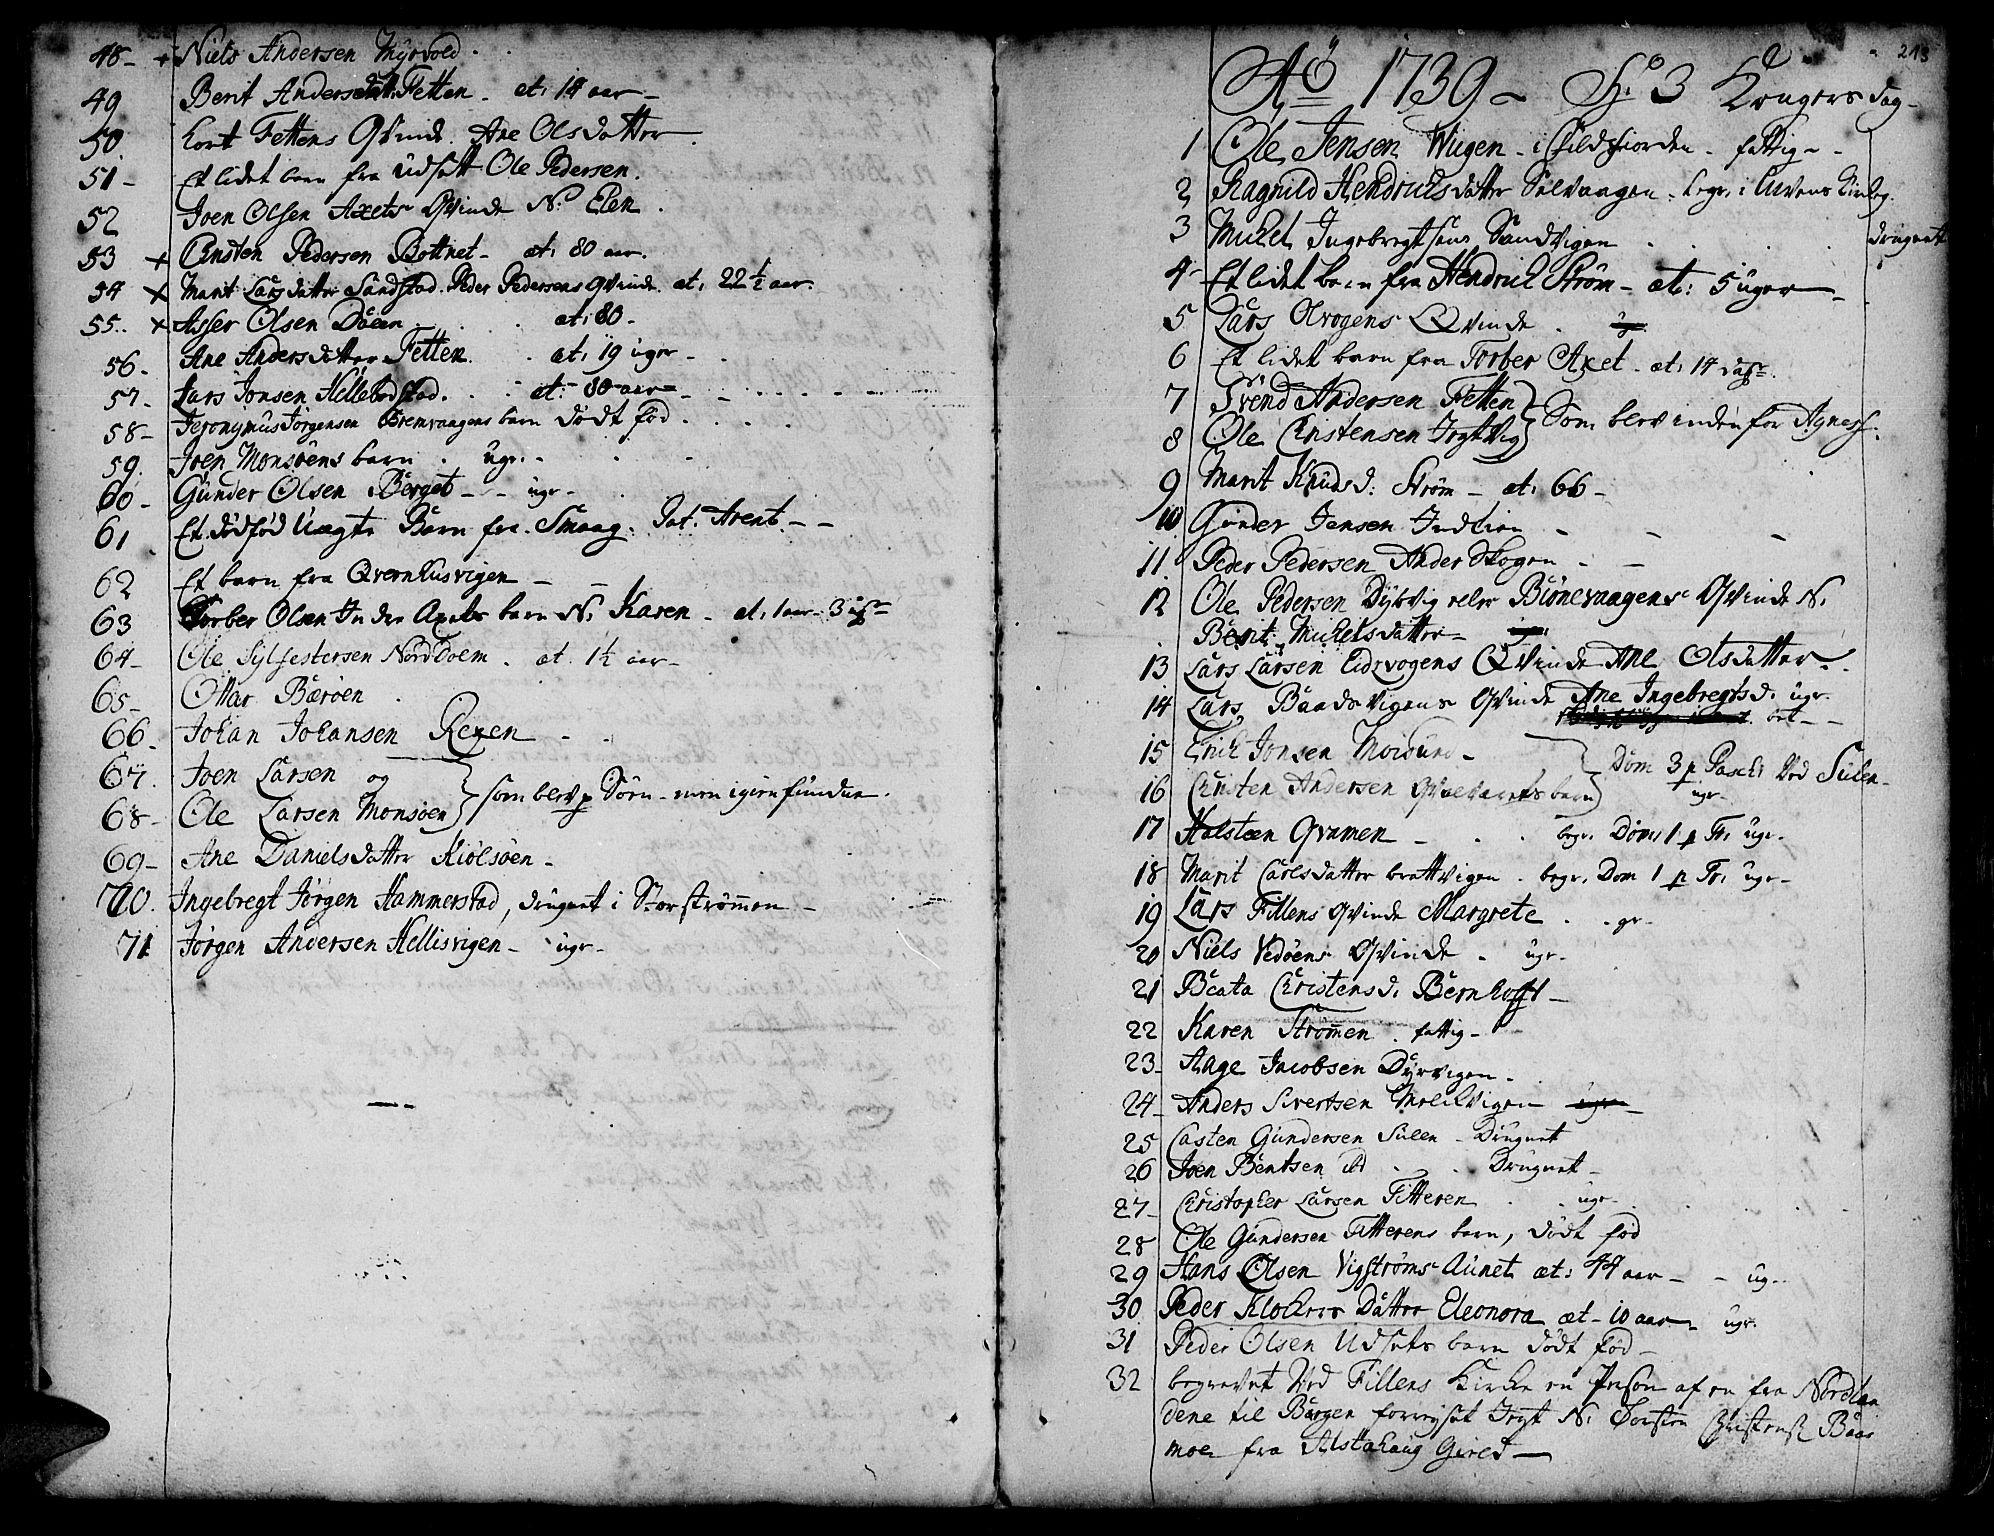 SAT, Ministerialprotokoller, klokkerbøker og fødselsregistre - Sør-Trøndelag, 634/L0525: Ministerialbok nr. 634A01, 1736-1775, s. 213